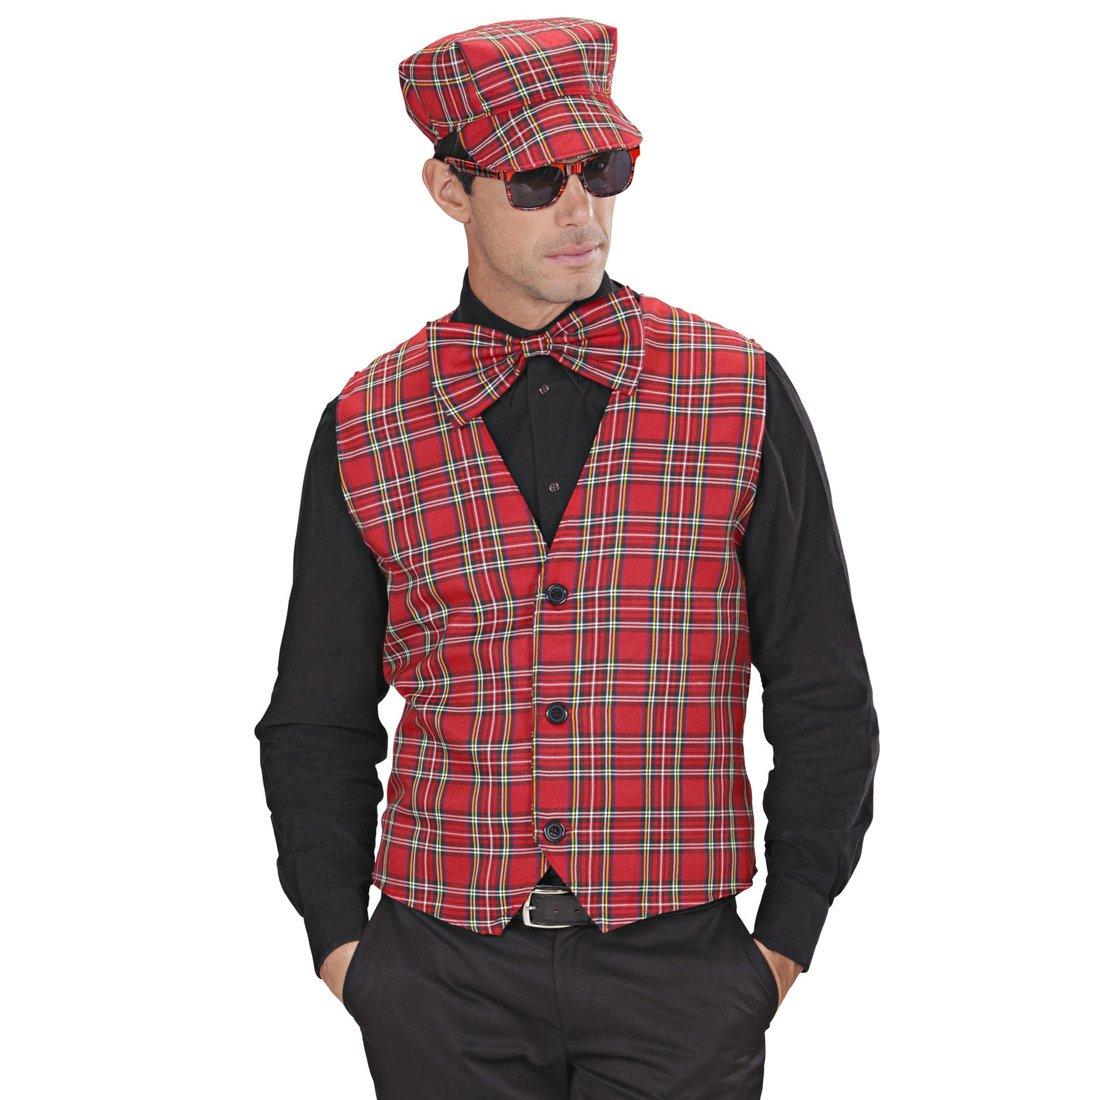 Amakando Disfraz escocés Chaleco Hombre a Cuadros M/L 50/52 Traje ...